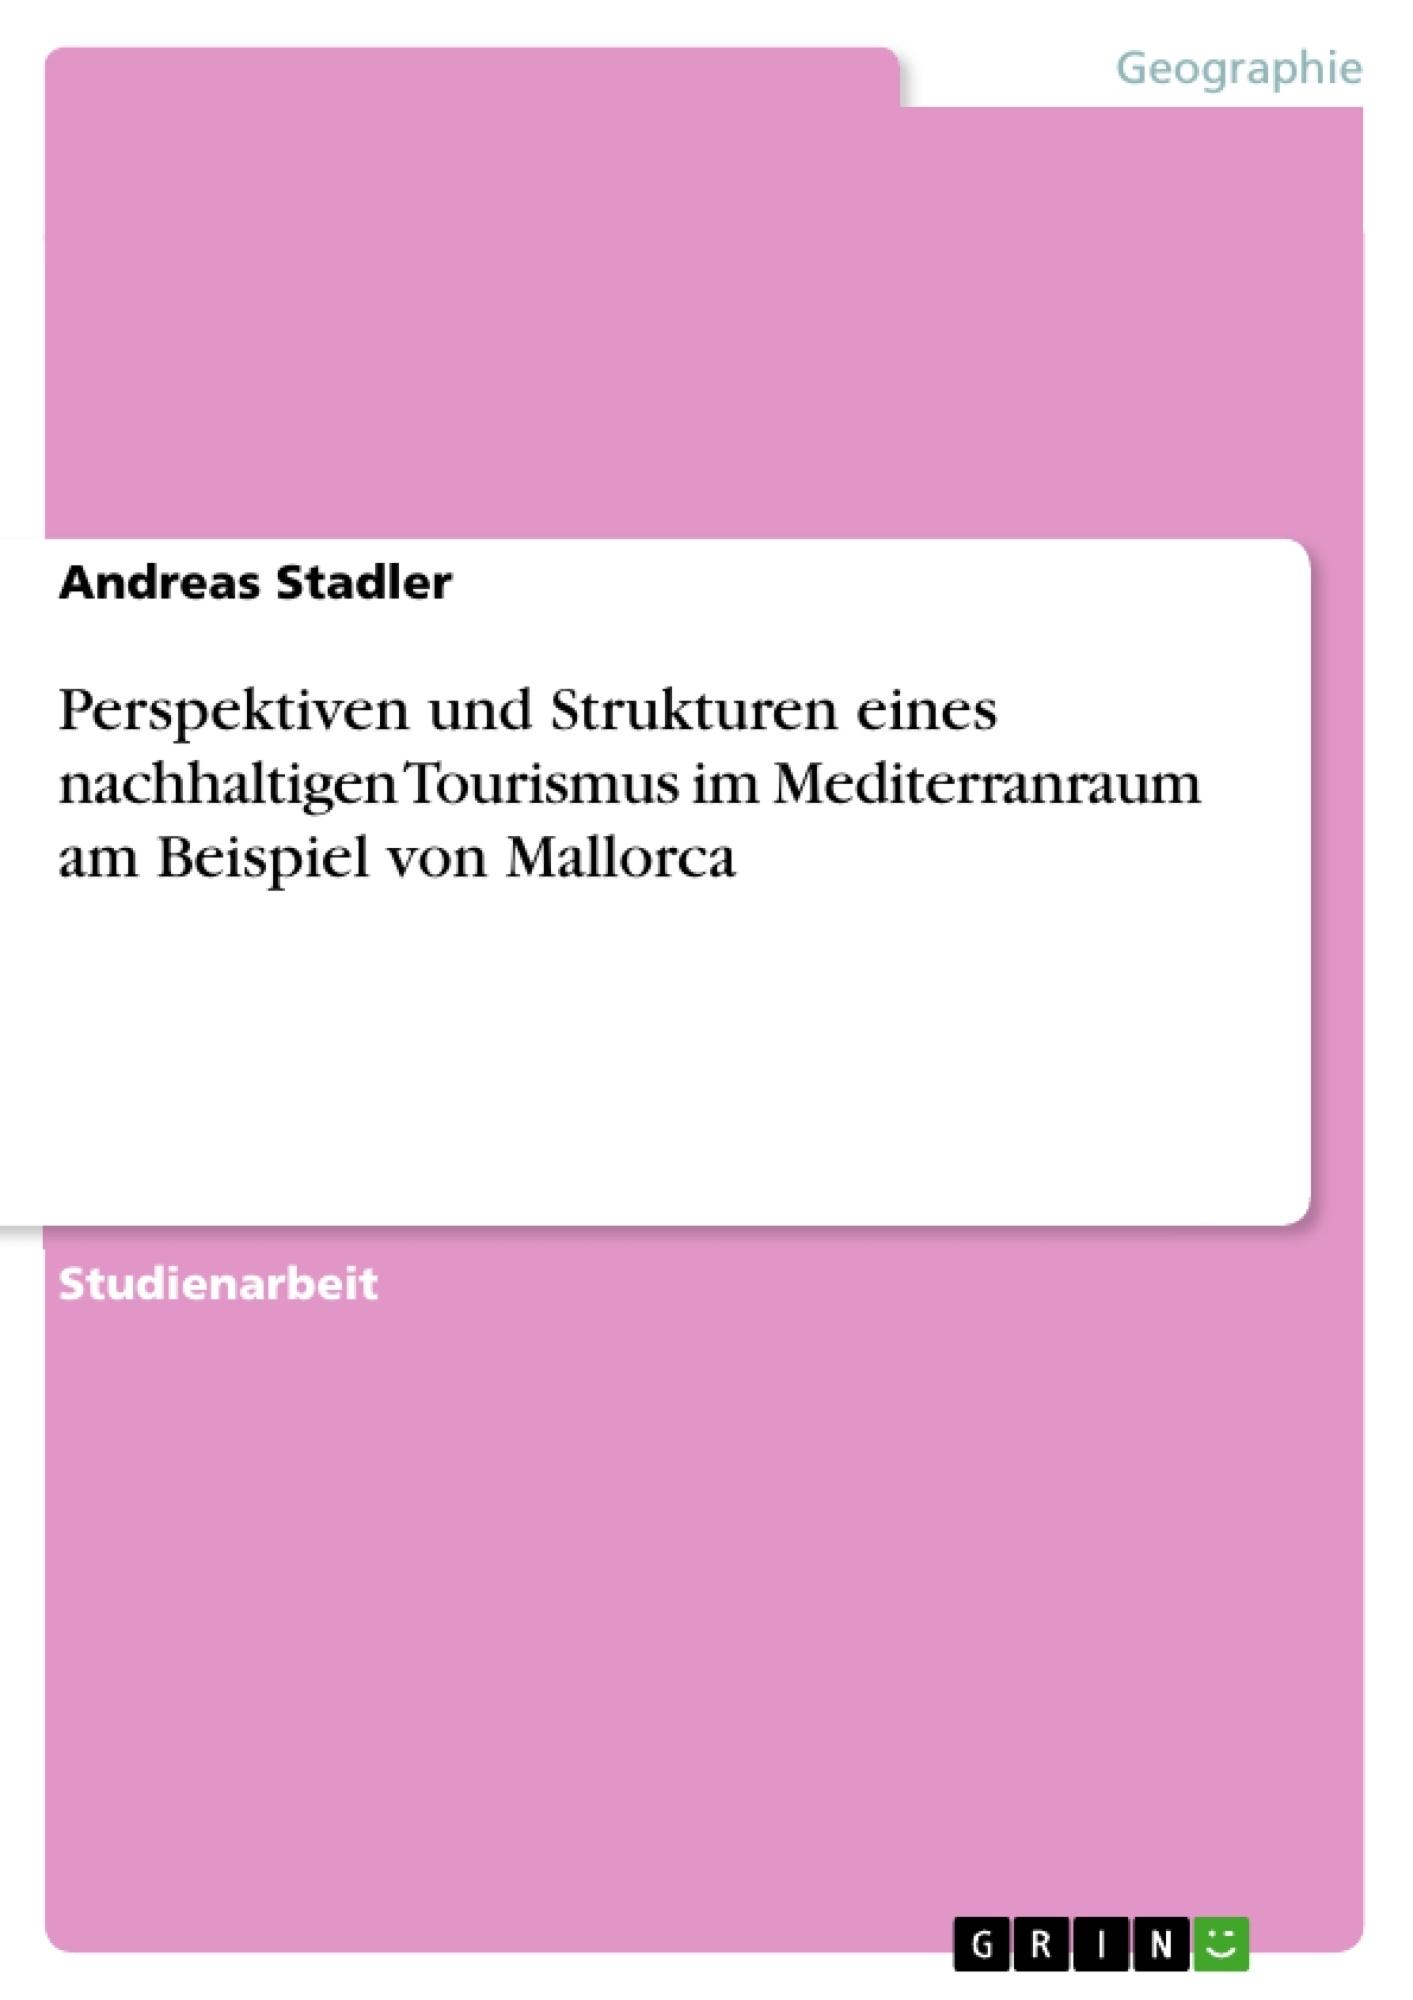 Titel: Perspektiven und Strukturen eines nachhaltigen Tourismus im Mediterranraum am Beispiel von Mallorca